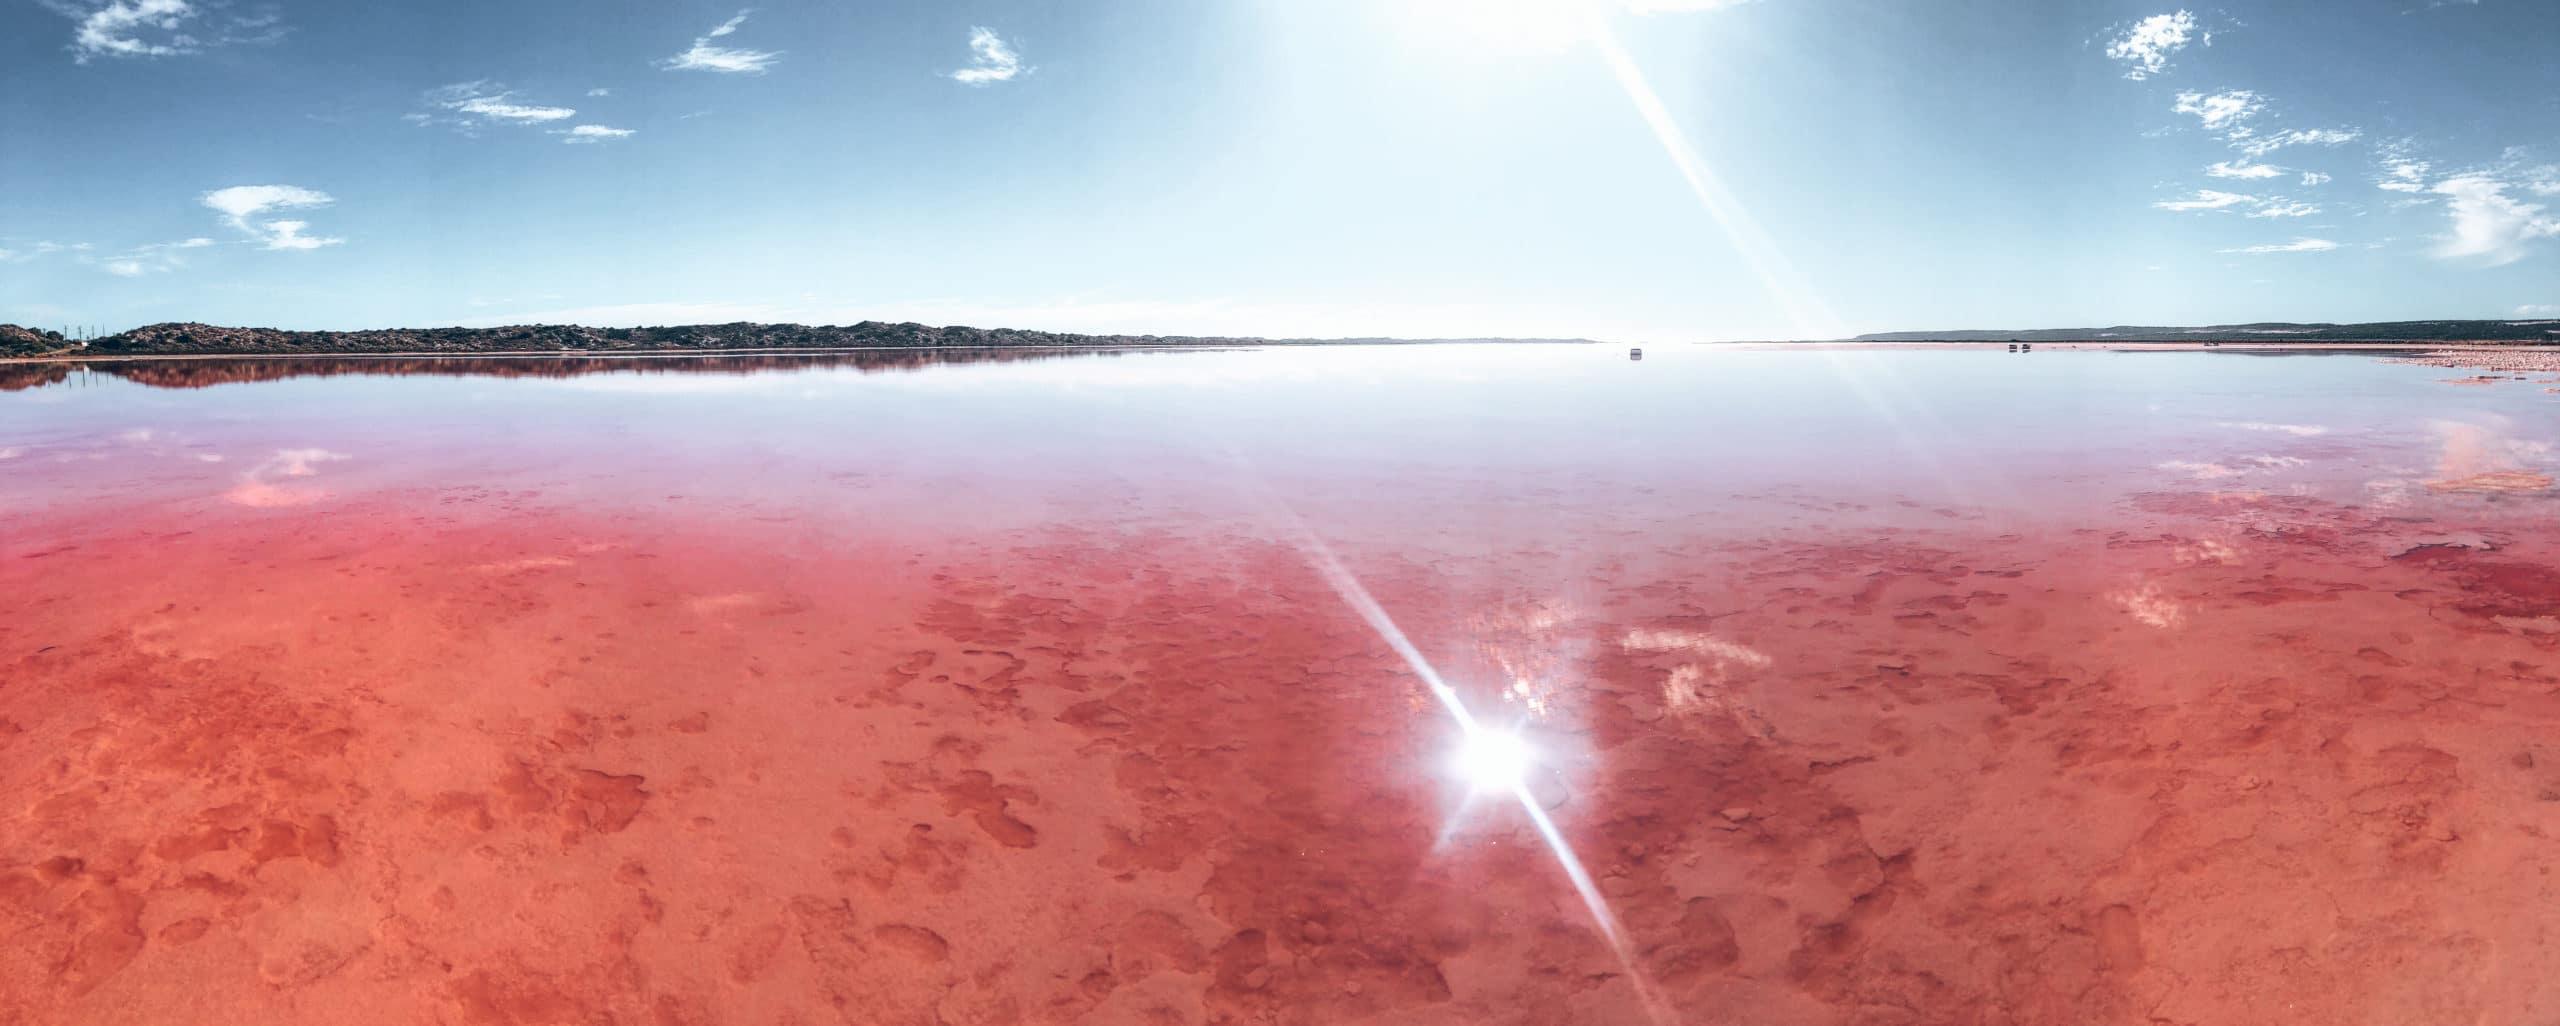 Côte ouest en Australie